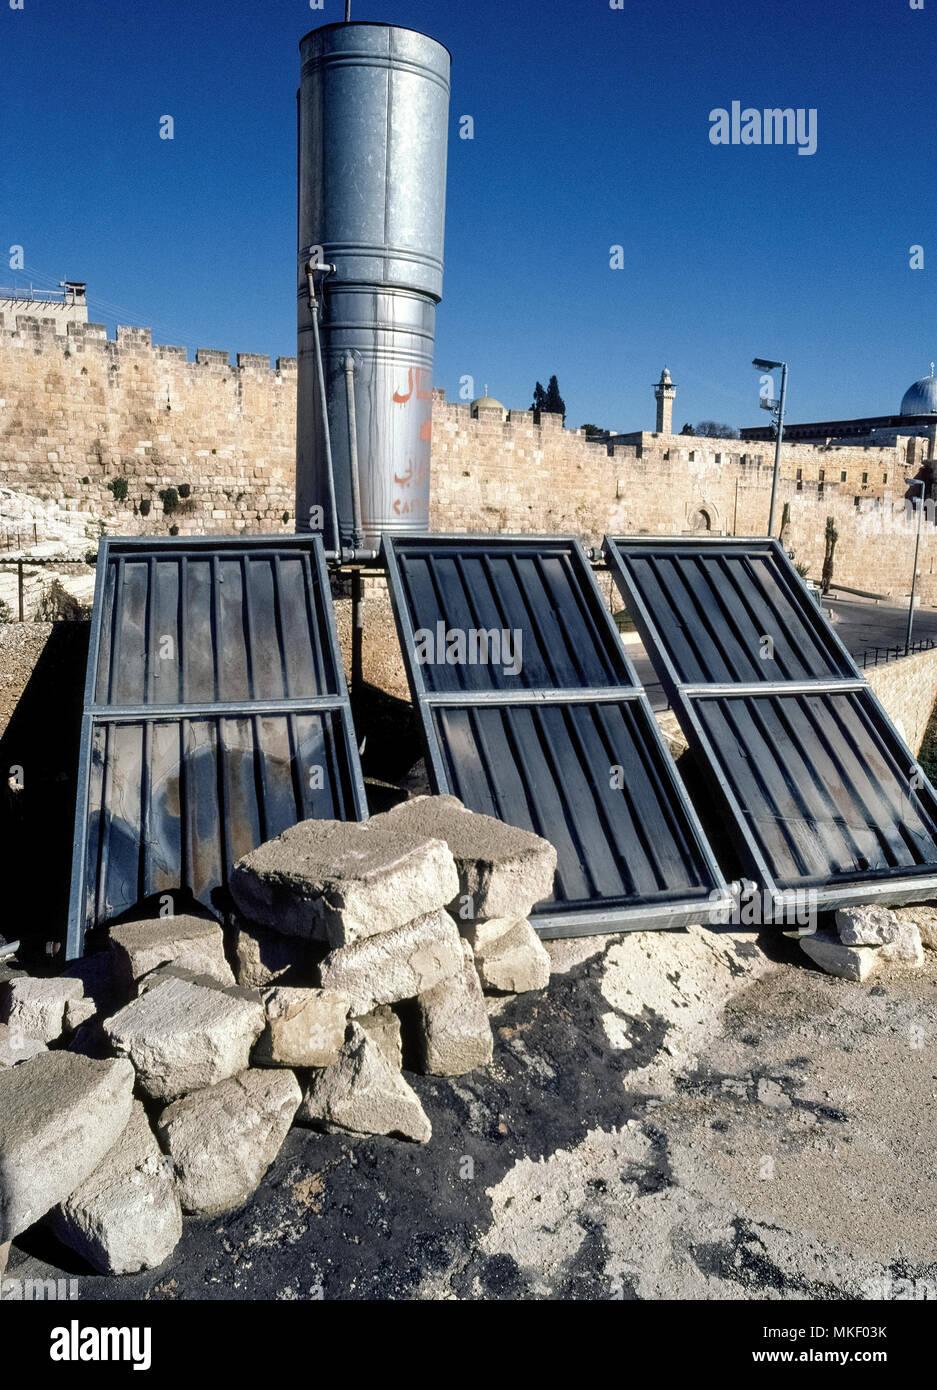 Tres paneles solares de plástico negro acanalada detrás de paneles de vidrio absorben los rayos del sol para crear un simple techo calefactor que proporciona agua caliente a una casa en Jerusalén, la dividida ciudad de Oriente Medio que es reclamada tanto por Israel y Palestina. Estos pequeños dispositivos térmicos fueron desarrollados comercialmente en Israel en 1950, y hoy en día la energía solar calentadores de agua se encuentran en casi el 90 por ciento de todos los hogares de Israel. Imagen De Stock